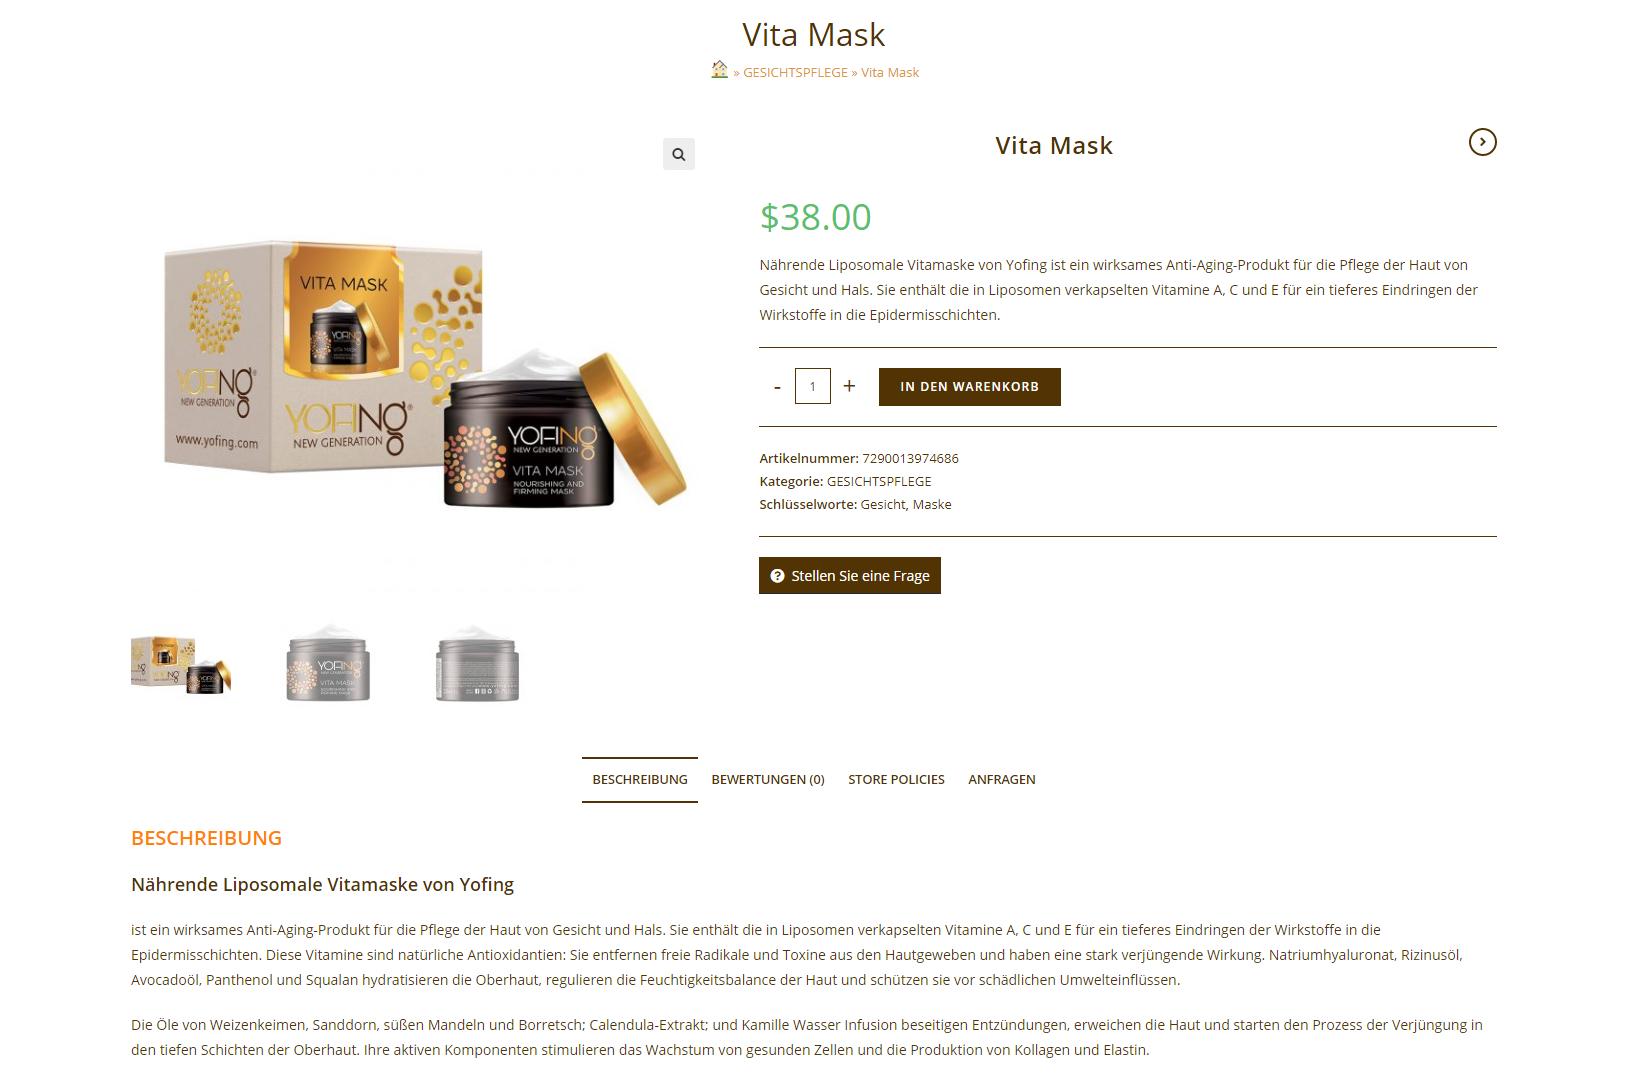 Мультиязычный контент для бренда Yofing: описание продукта Vita Mask